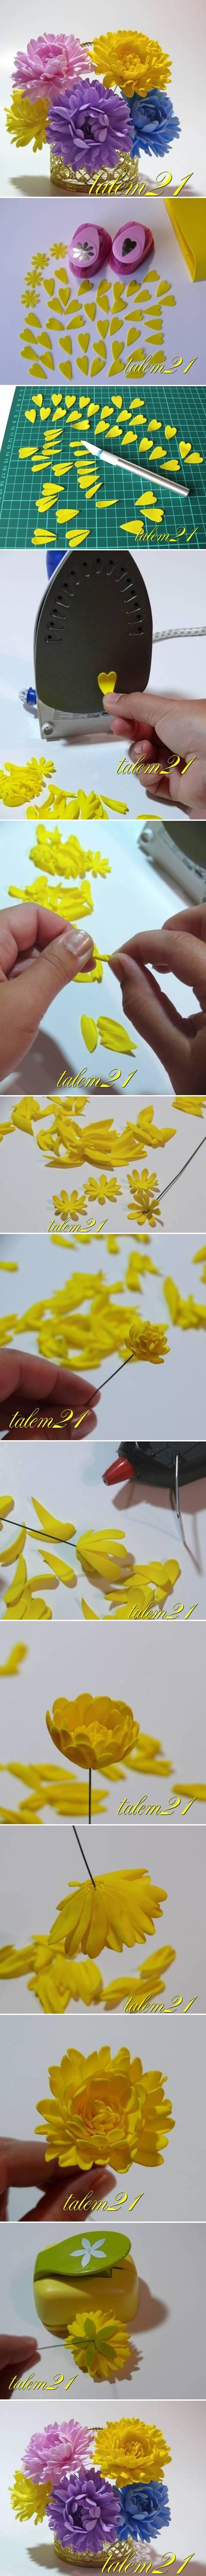 DIY Small Chrysanthemum Flower